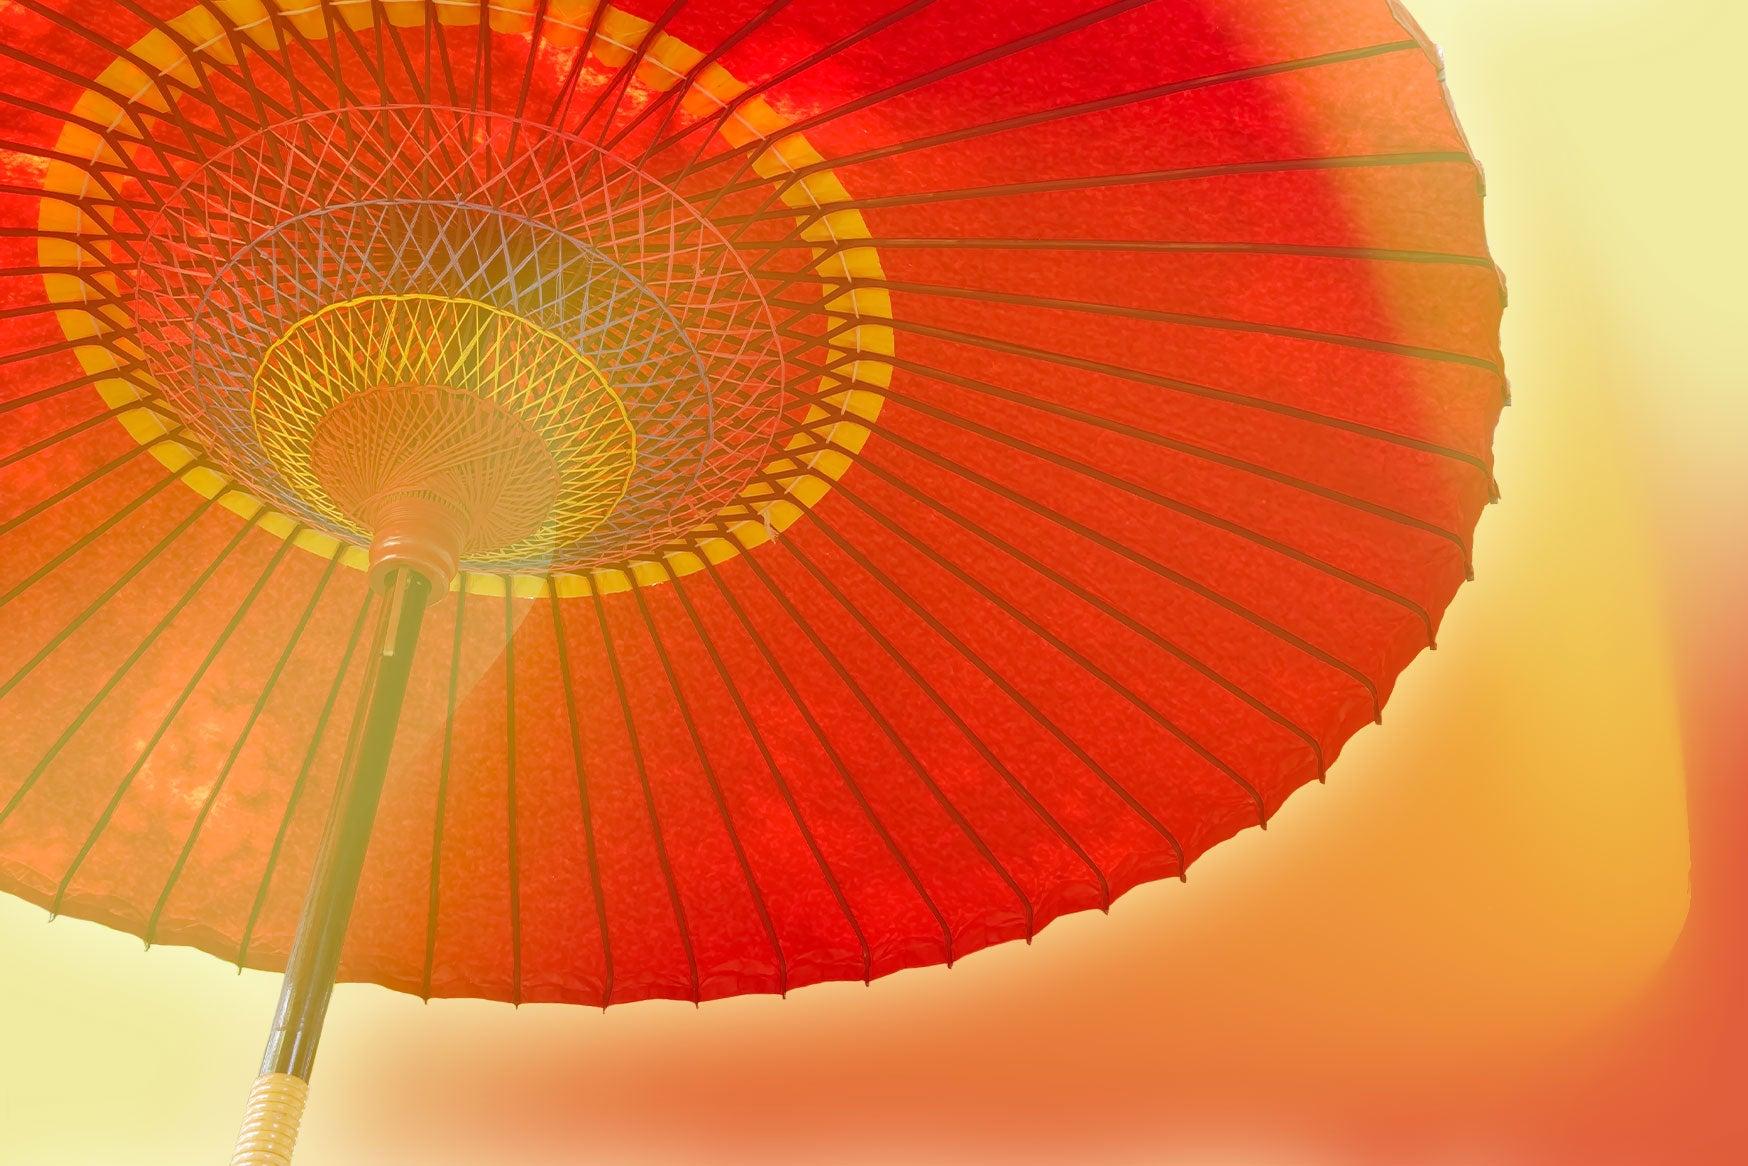 sun-umbrella